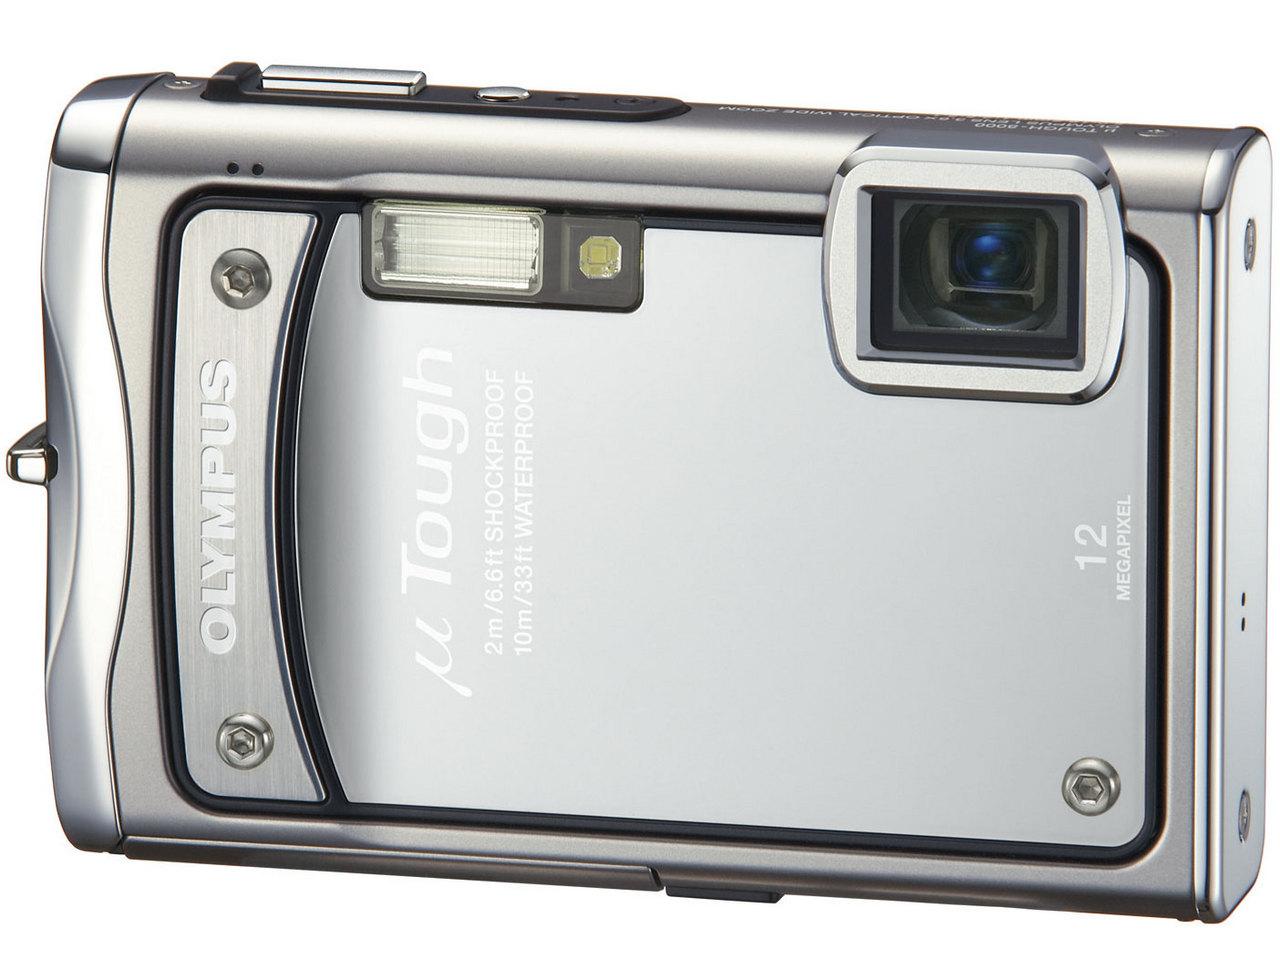 『本体 正面 シルバー』 μ TOUGH-8000 の製品画像